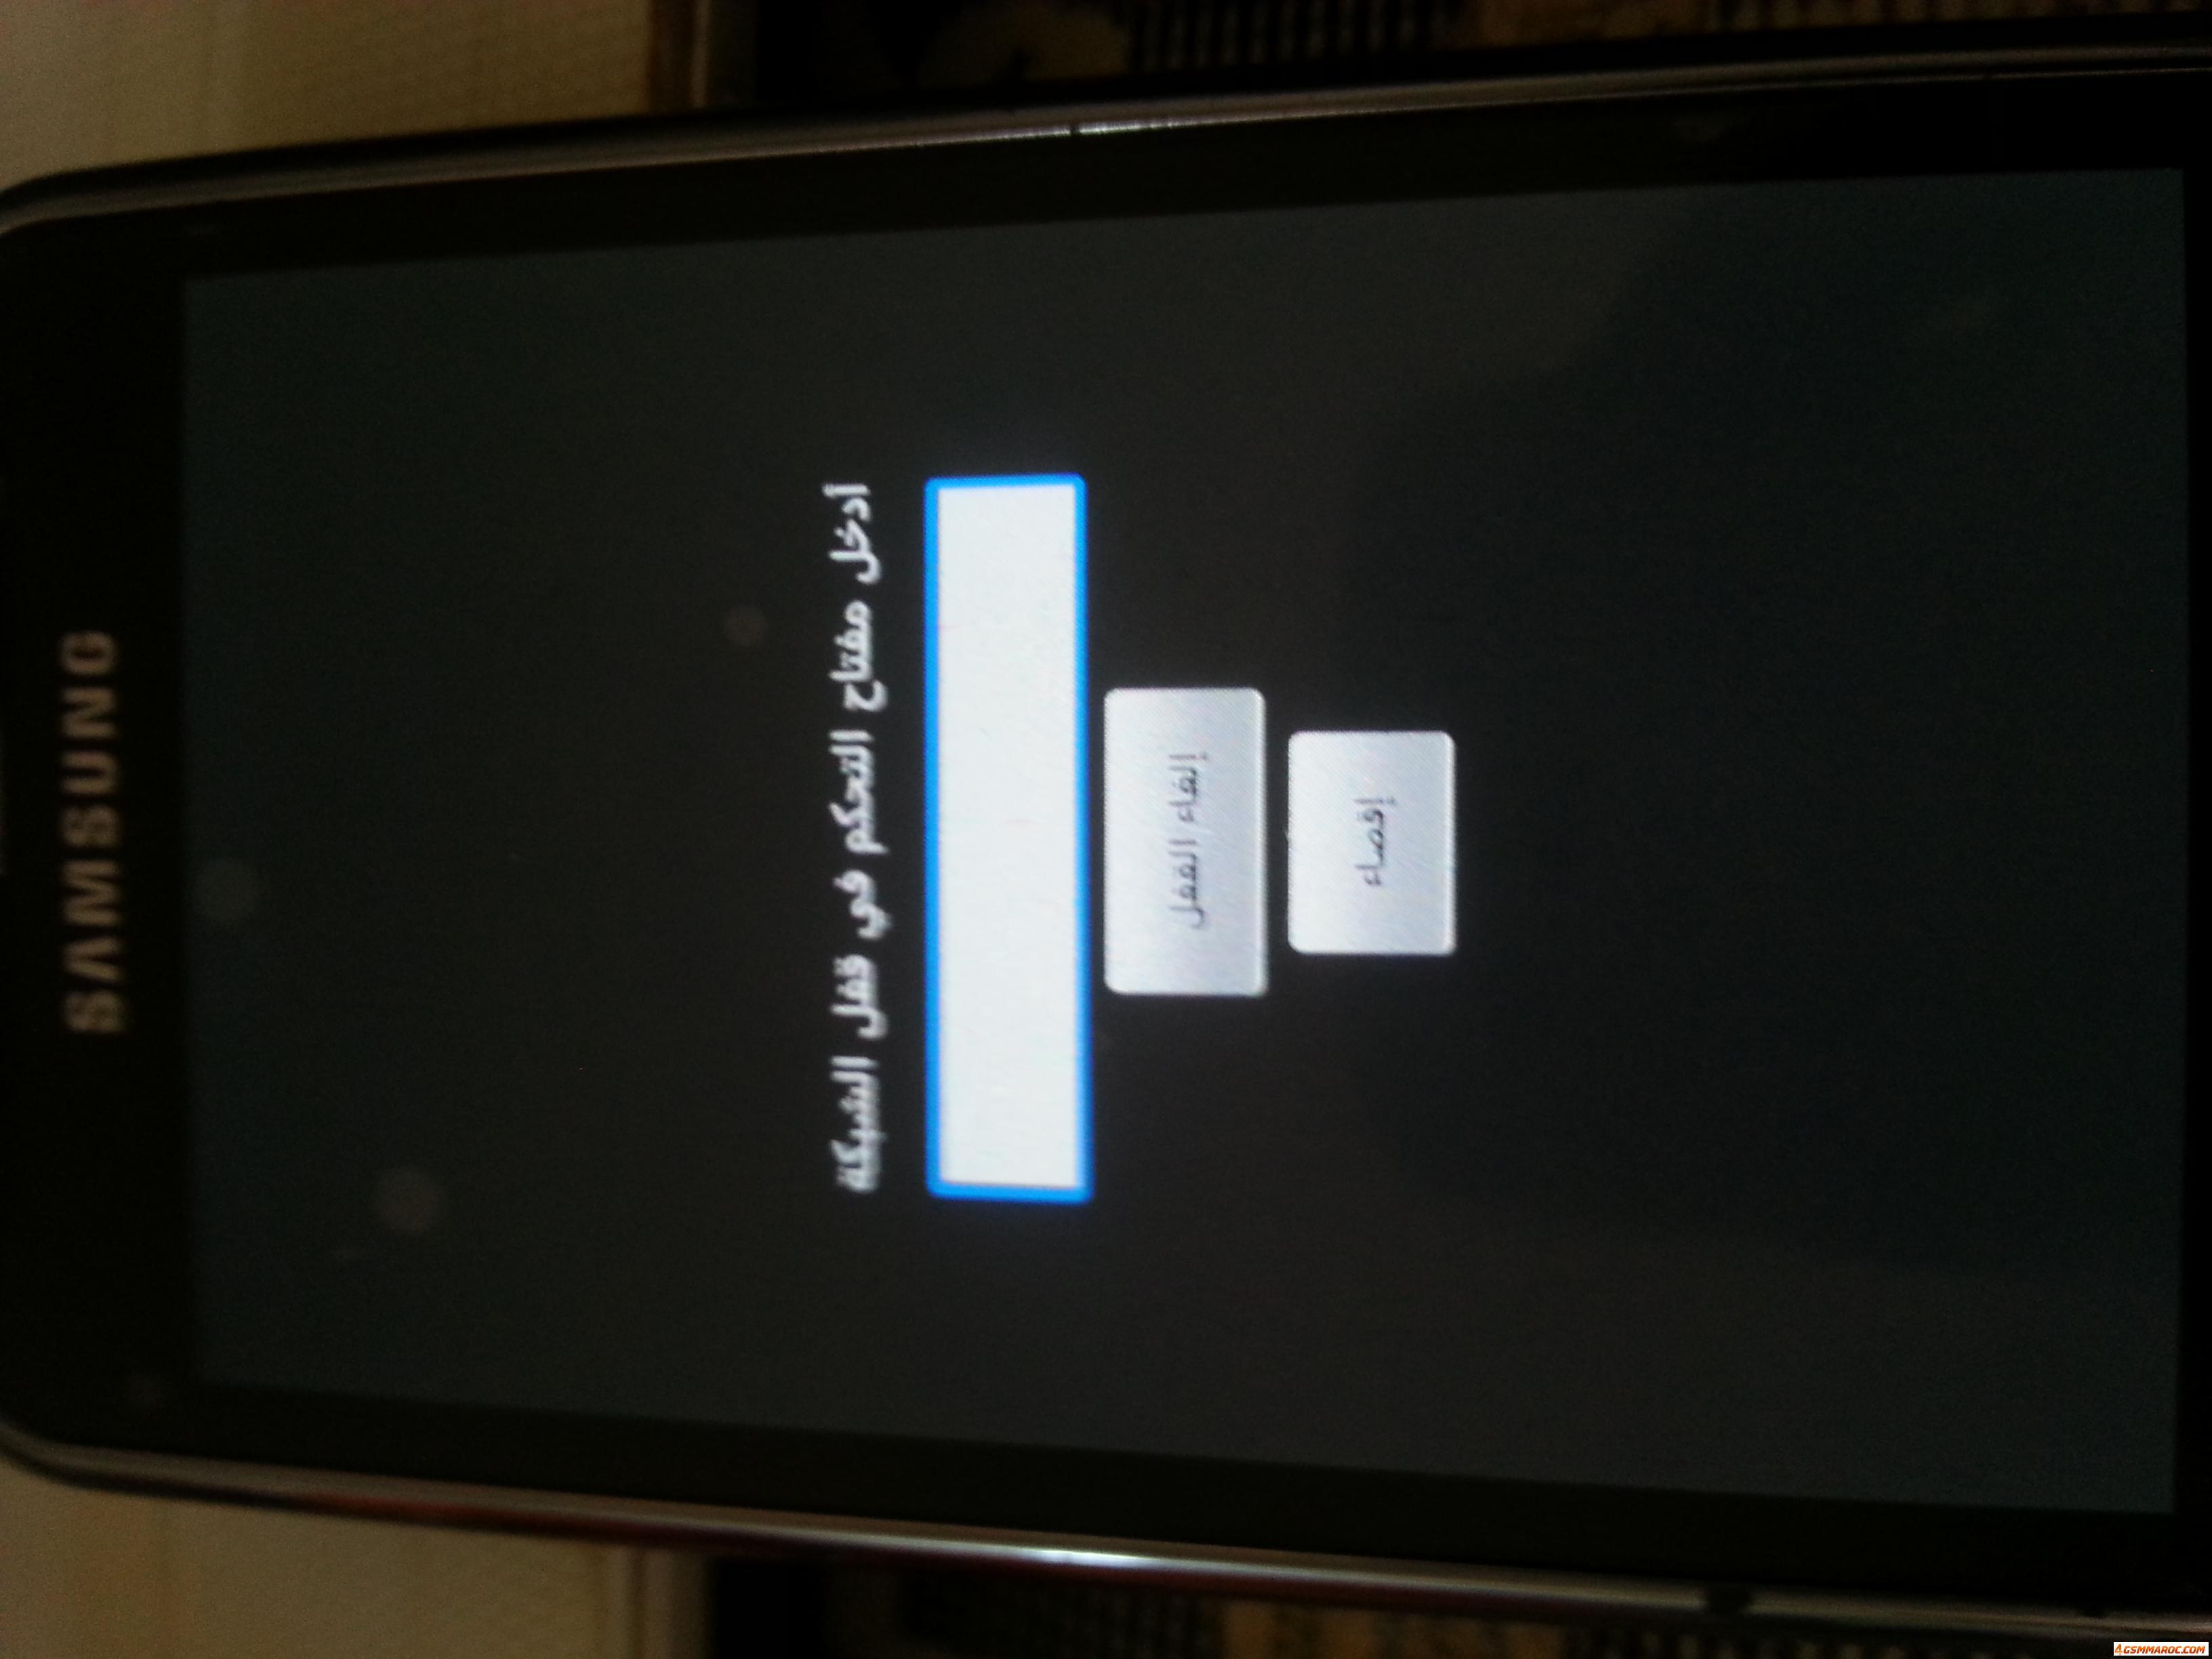 طريقة شفرةI9000 والأجهزة الشبيهة علىZ3X do.php?imgf=1480462480411.jpg